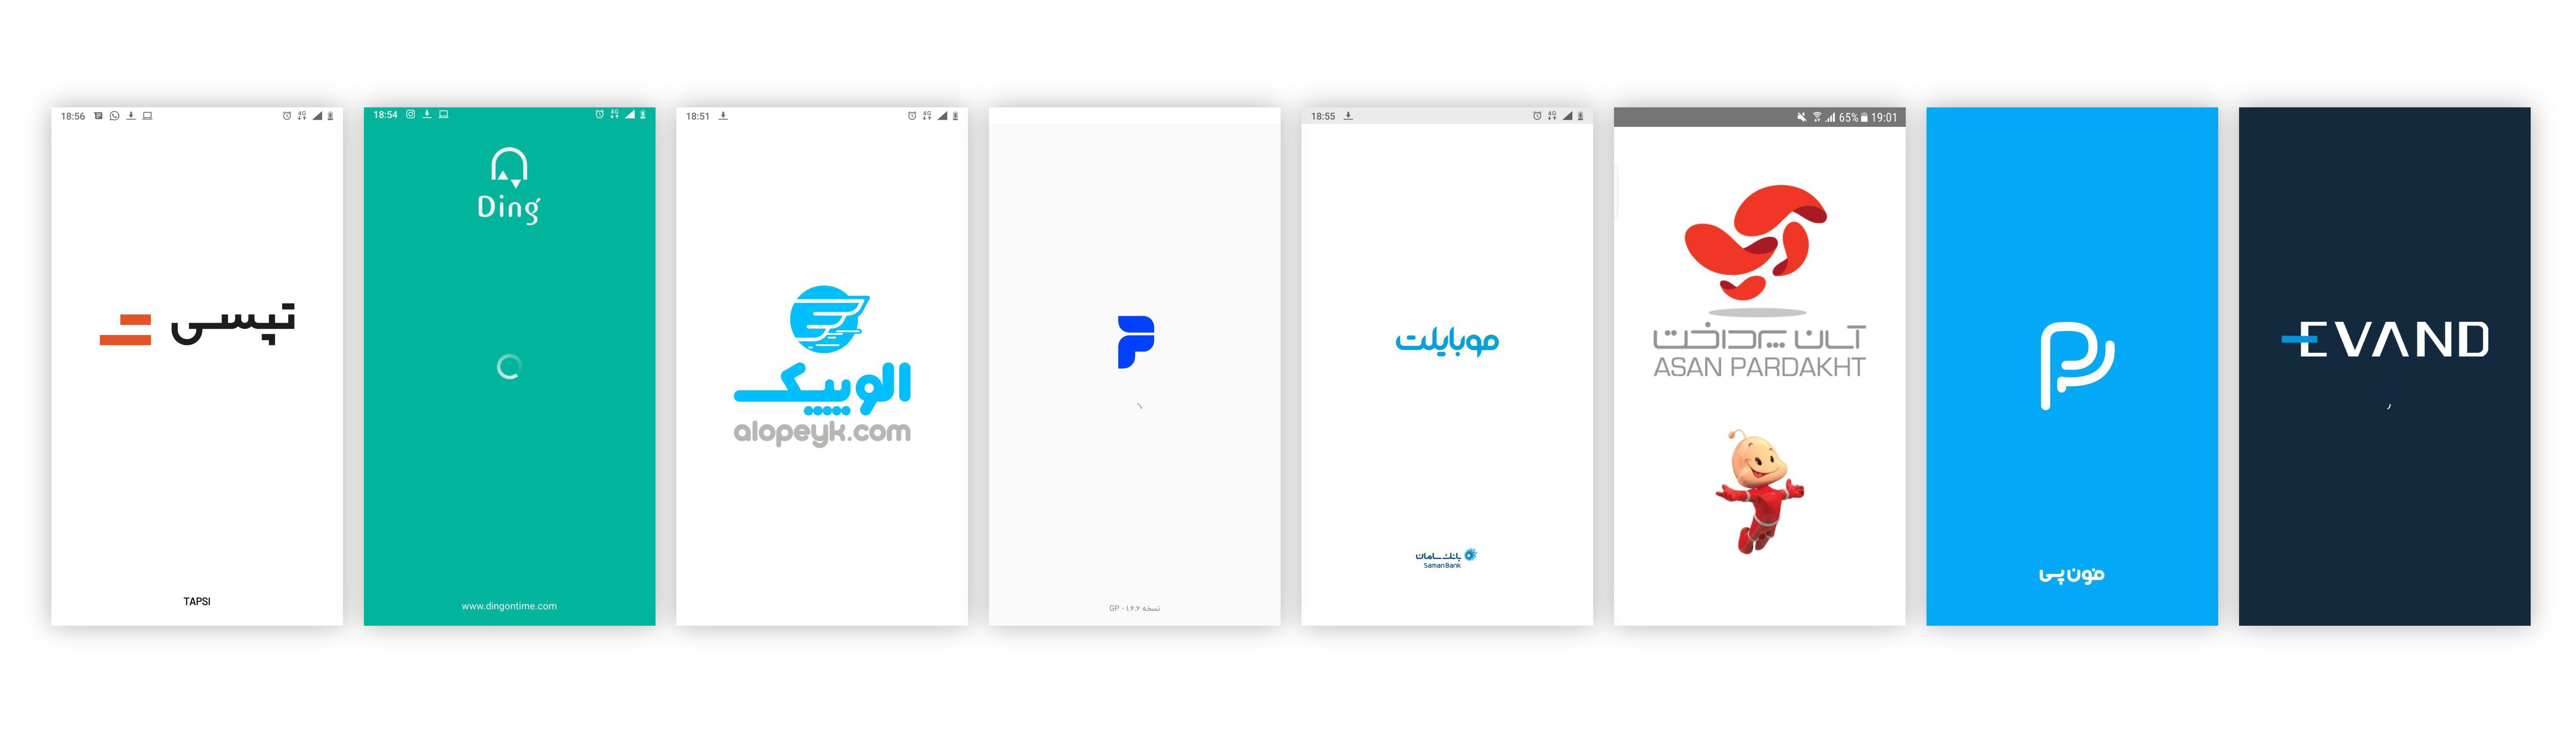 صفحه آغازین (Splash)، ساخت تجربه بهتر برای کاربران